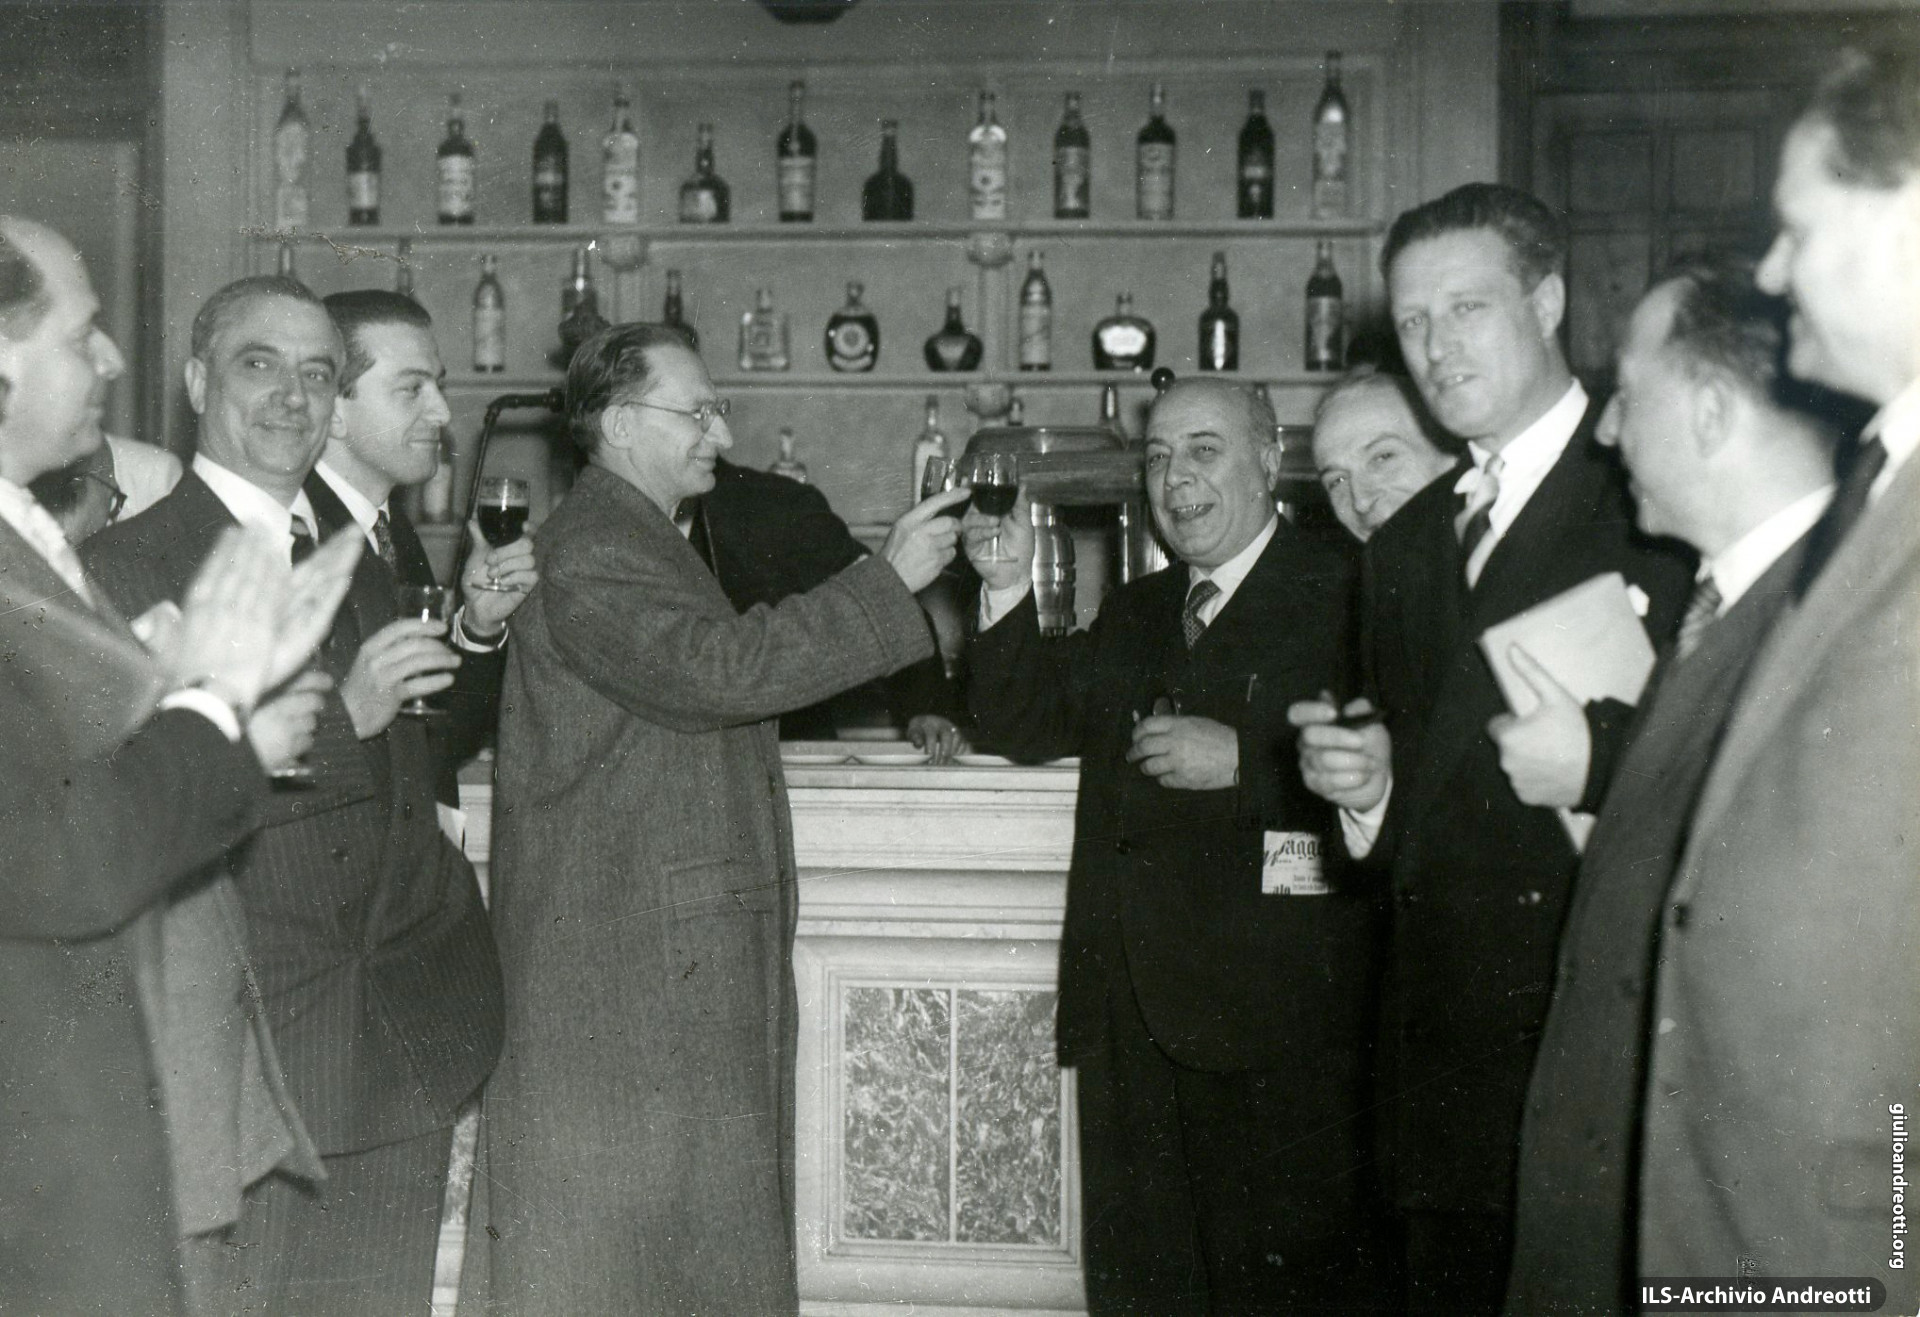 8 maggio 1948. Brindisi alla buvette dopo la elezione di Gronchi alla Presidenza alla Camera. Da sinistra: Togni, Campilli, Andreotti, De Gasperi, Fuschini, Segni, Pertusio.